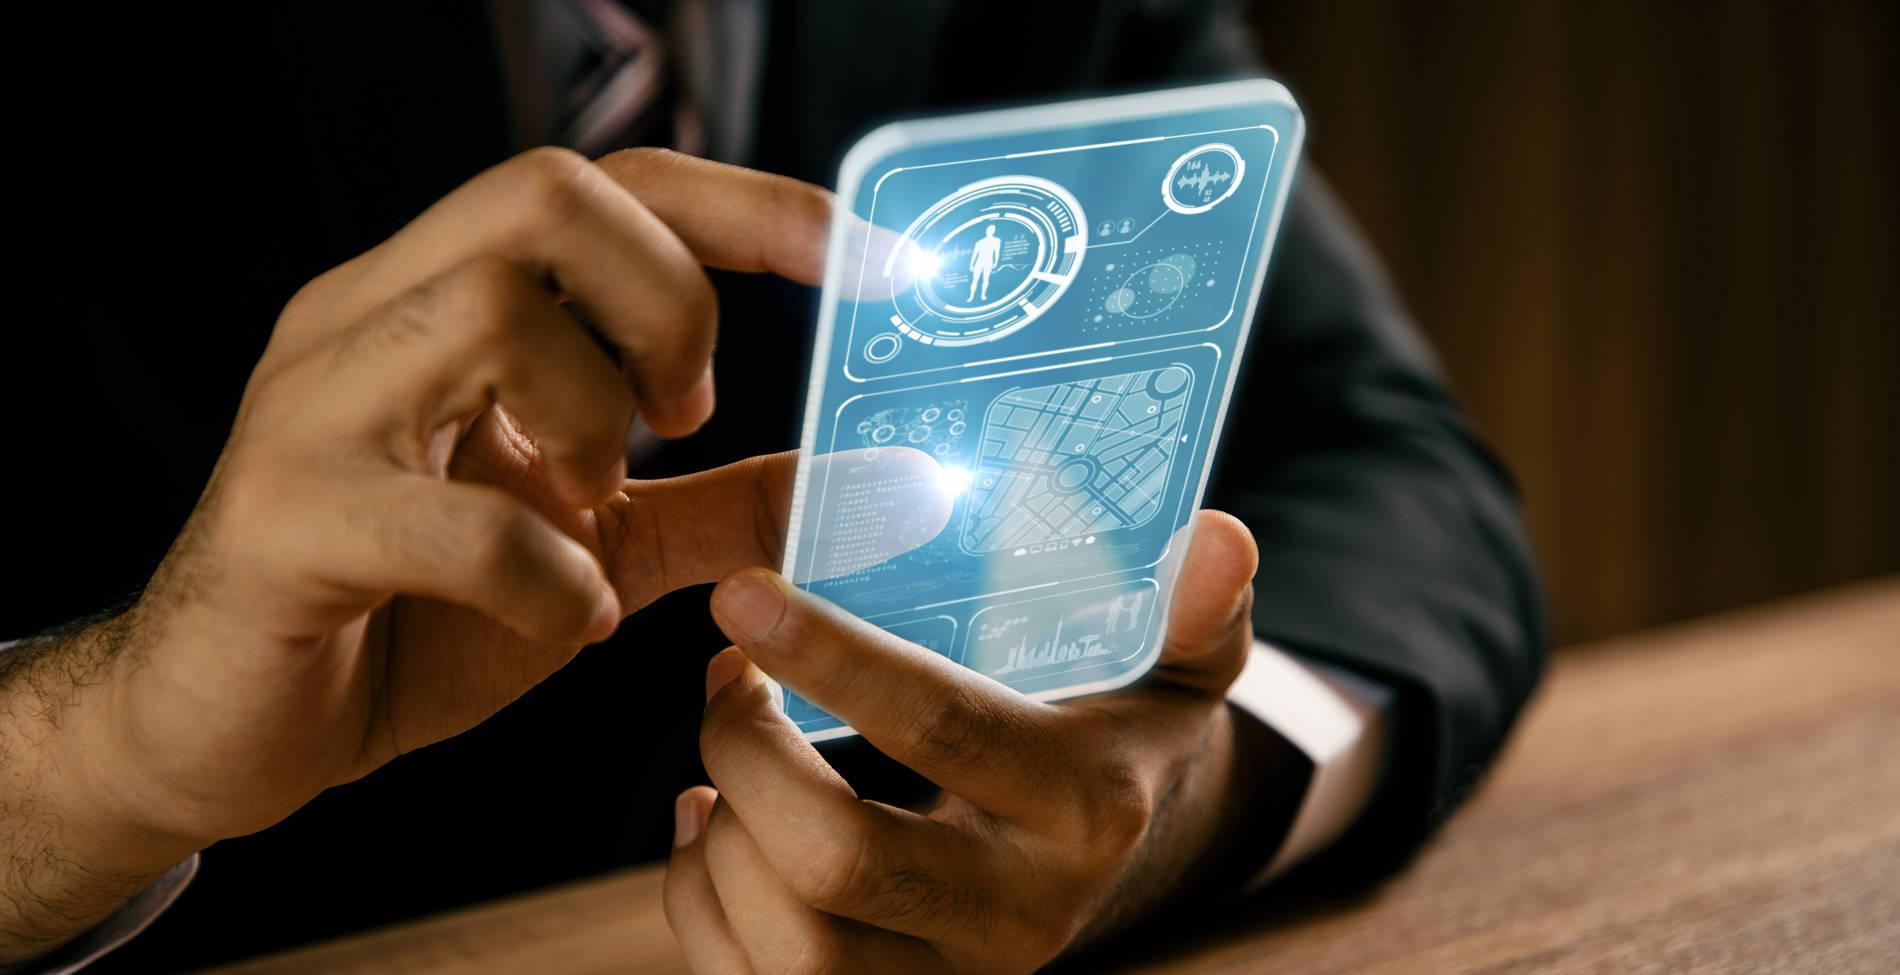 Δάκτυλο κινητό φόρτιση: Πώς τα δάχτυλά μας θα φορτίζουν τα κινητά